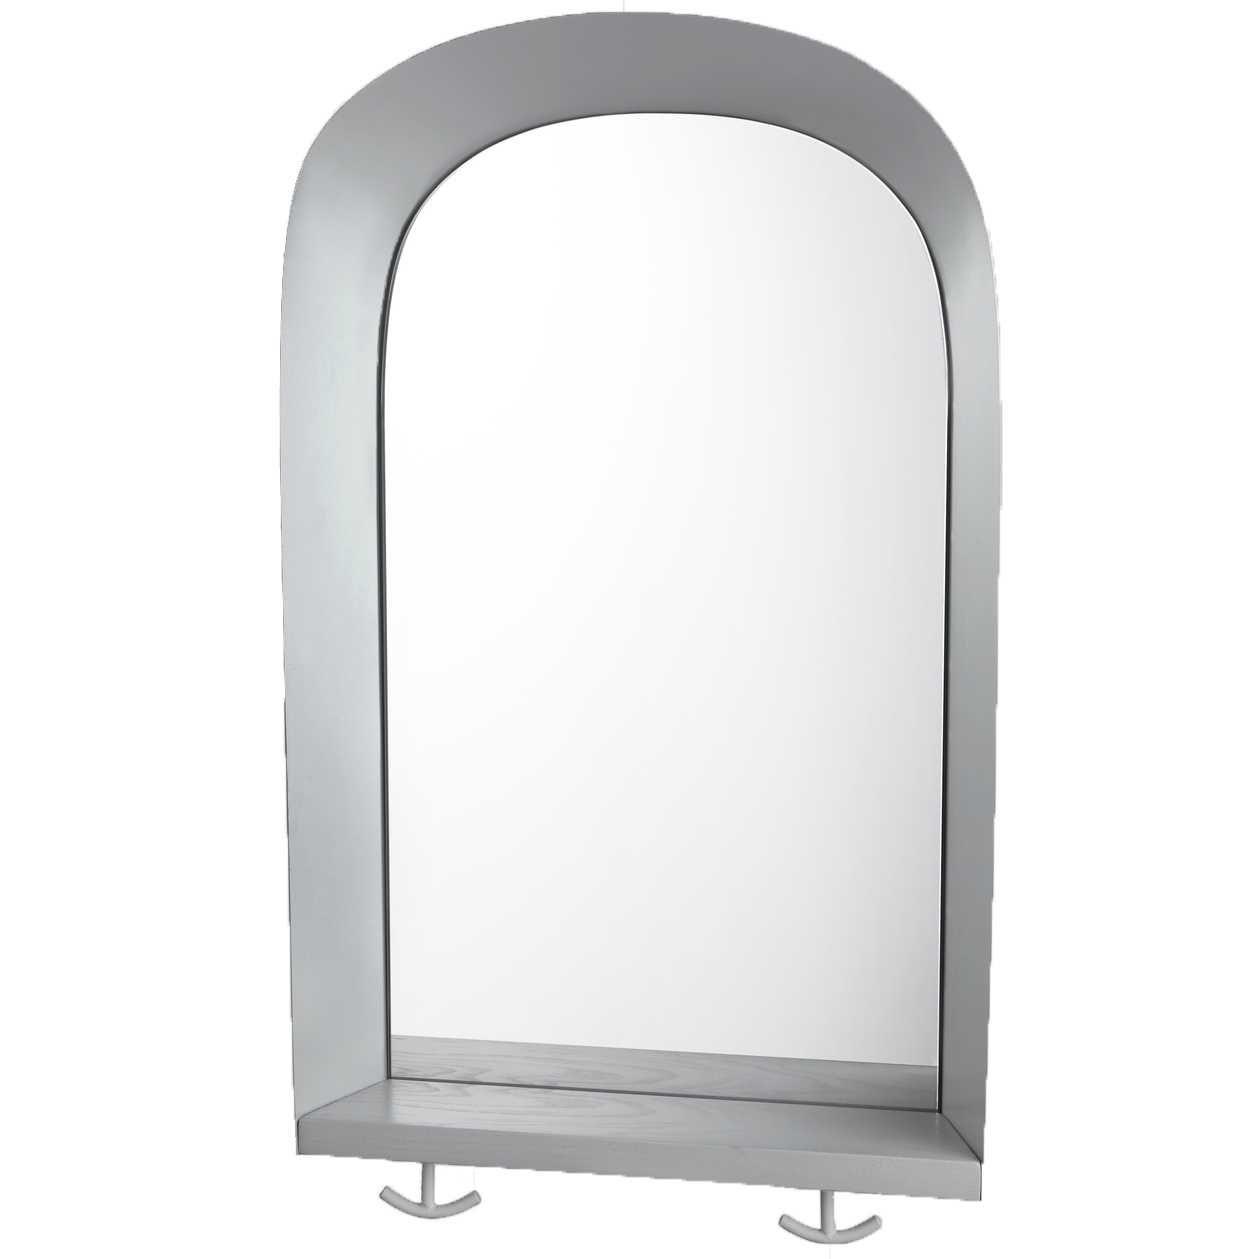 Nofred Portal spiegel grijs